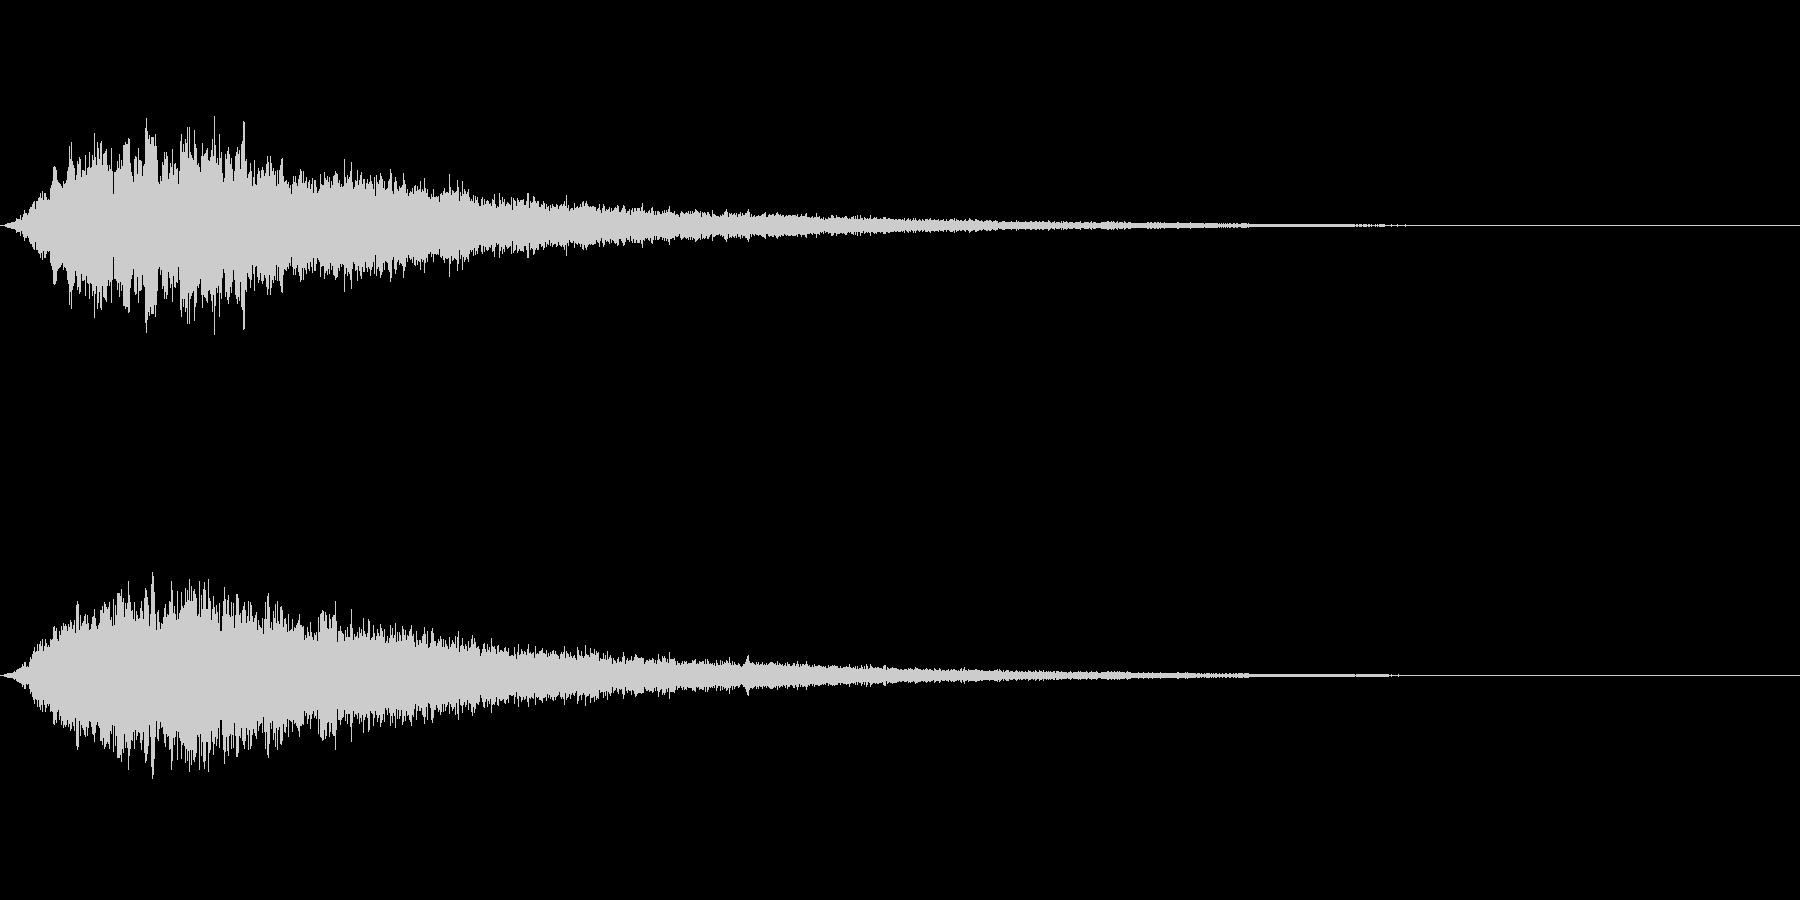 キラキラ~ 体力を回復させるヒール魔法の未再生の波形